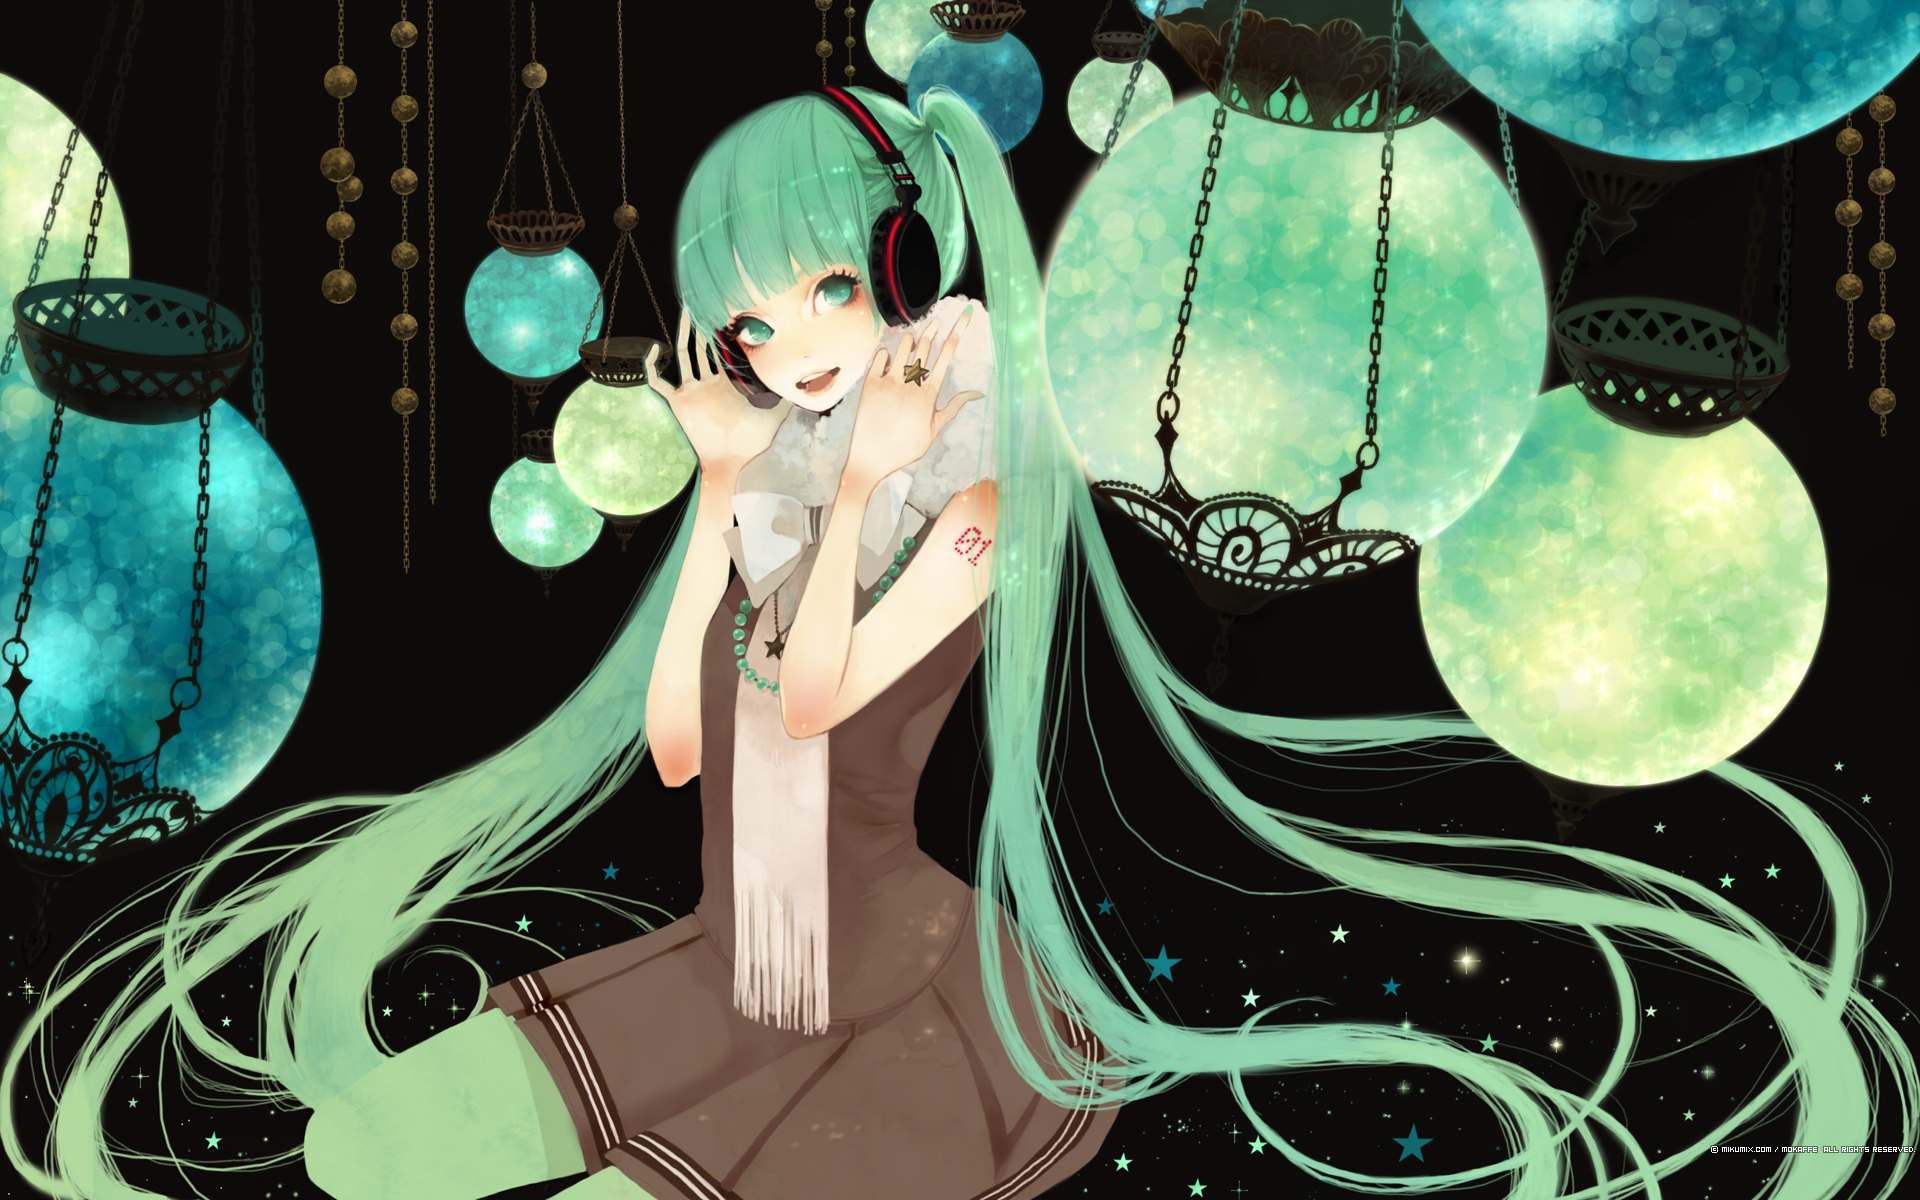 green_eyes green_hair hatsune_miku headphones long_hair mikumix skirt space twintails vocaloid